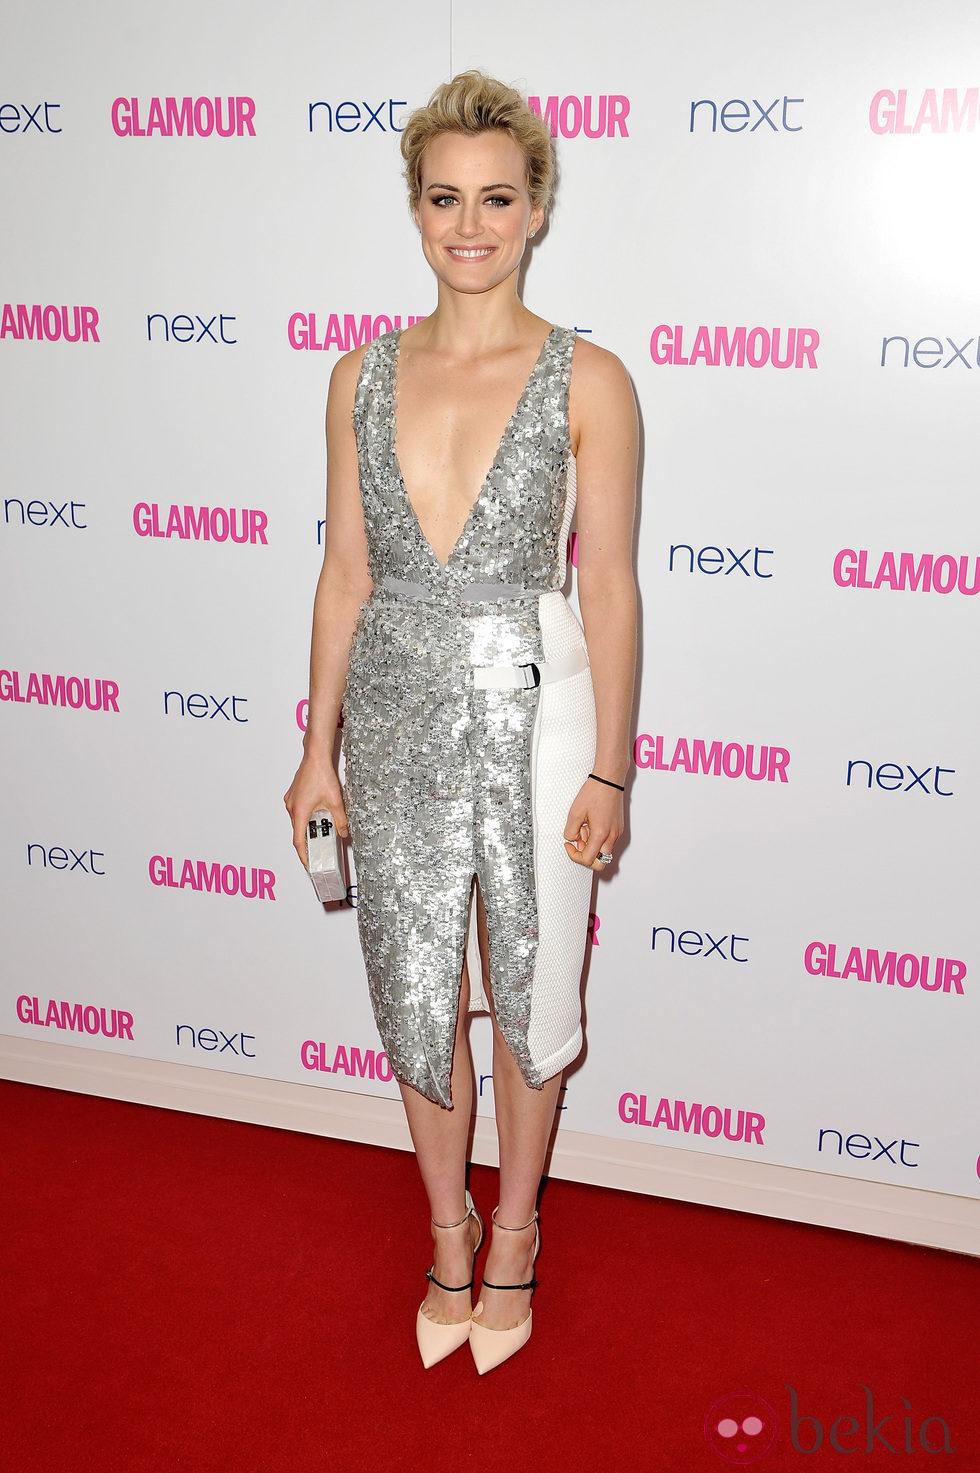 Taylor Schilling en los Premios Glamour Mujeres del Año 2014 de Londres